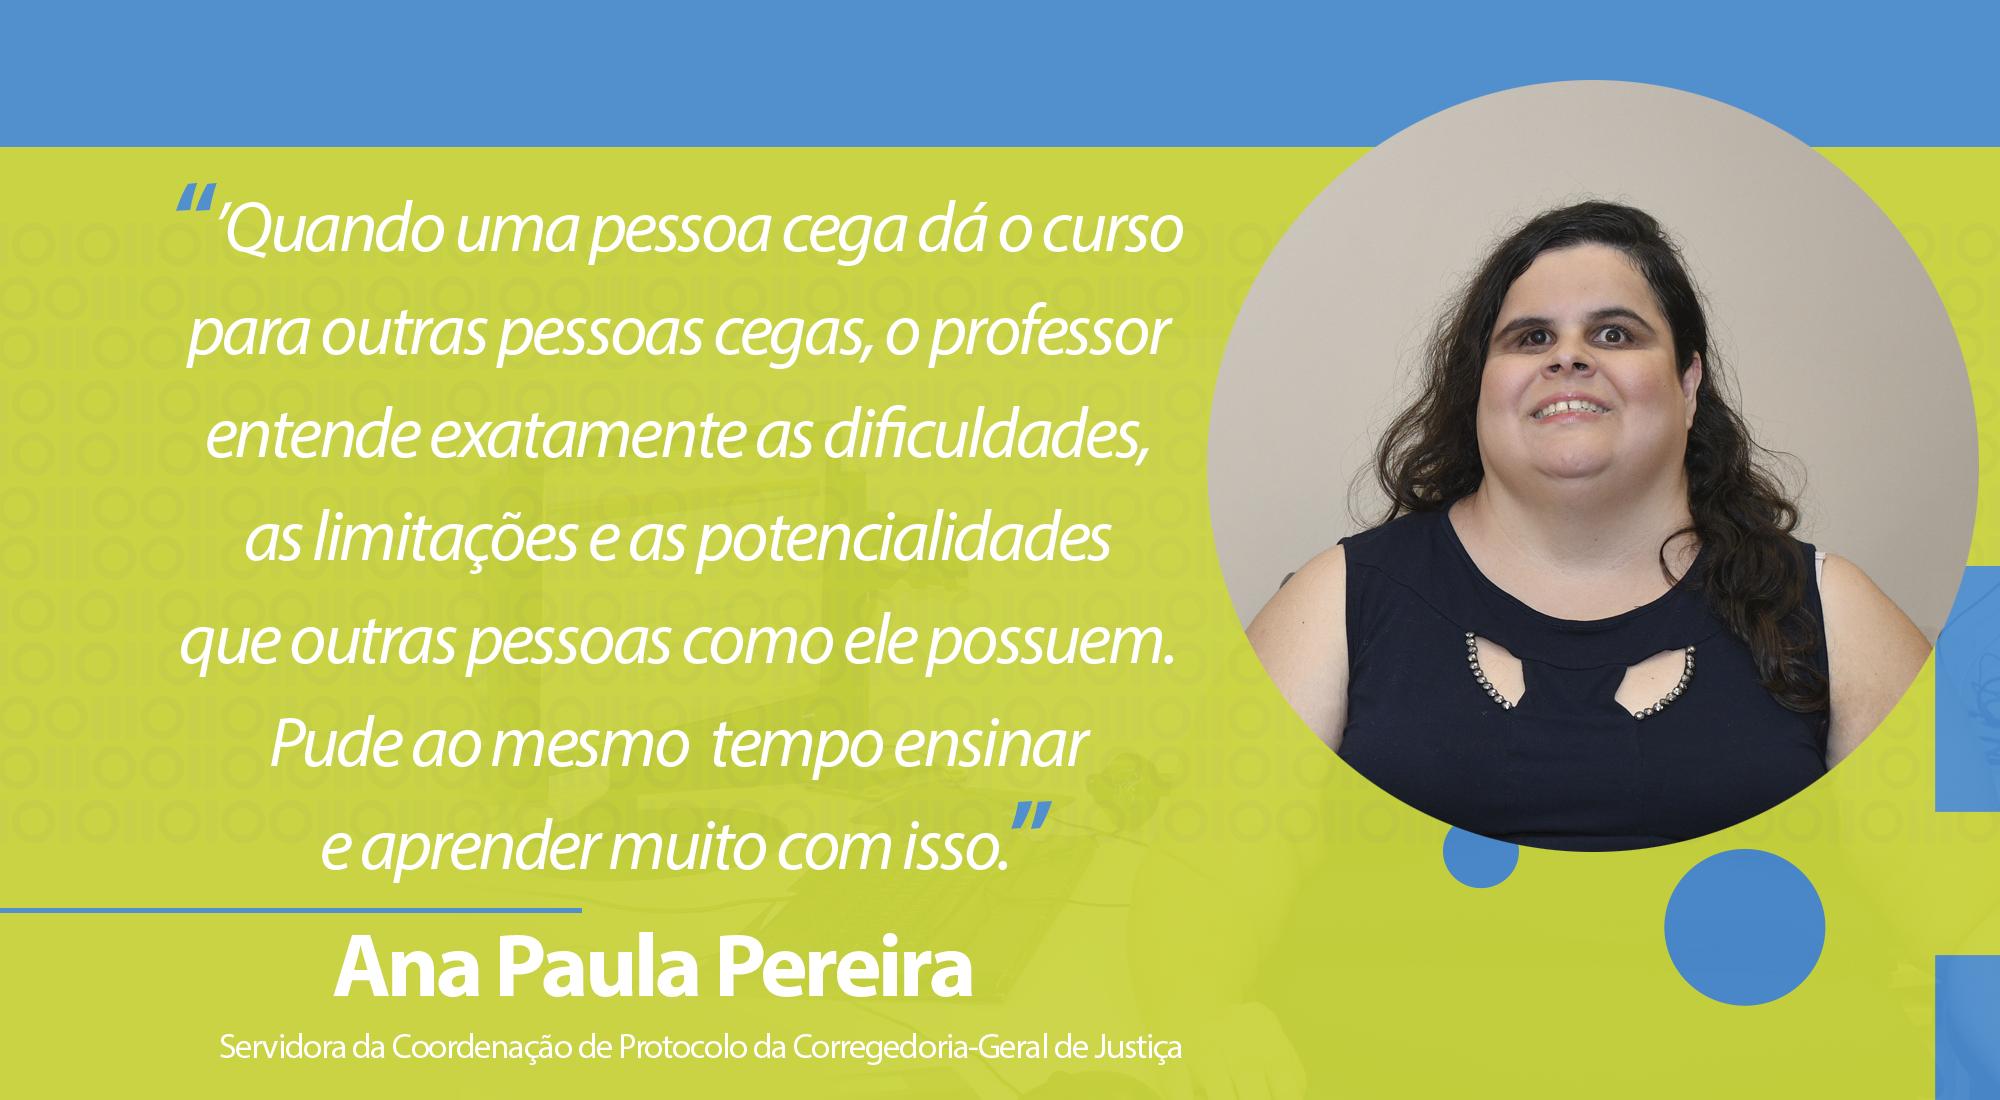 Ana Paula, Servidora da Coordenação de Protocolo da Corregedoria-Geral de Justiça.